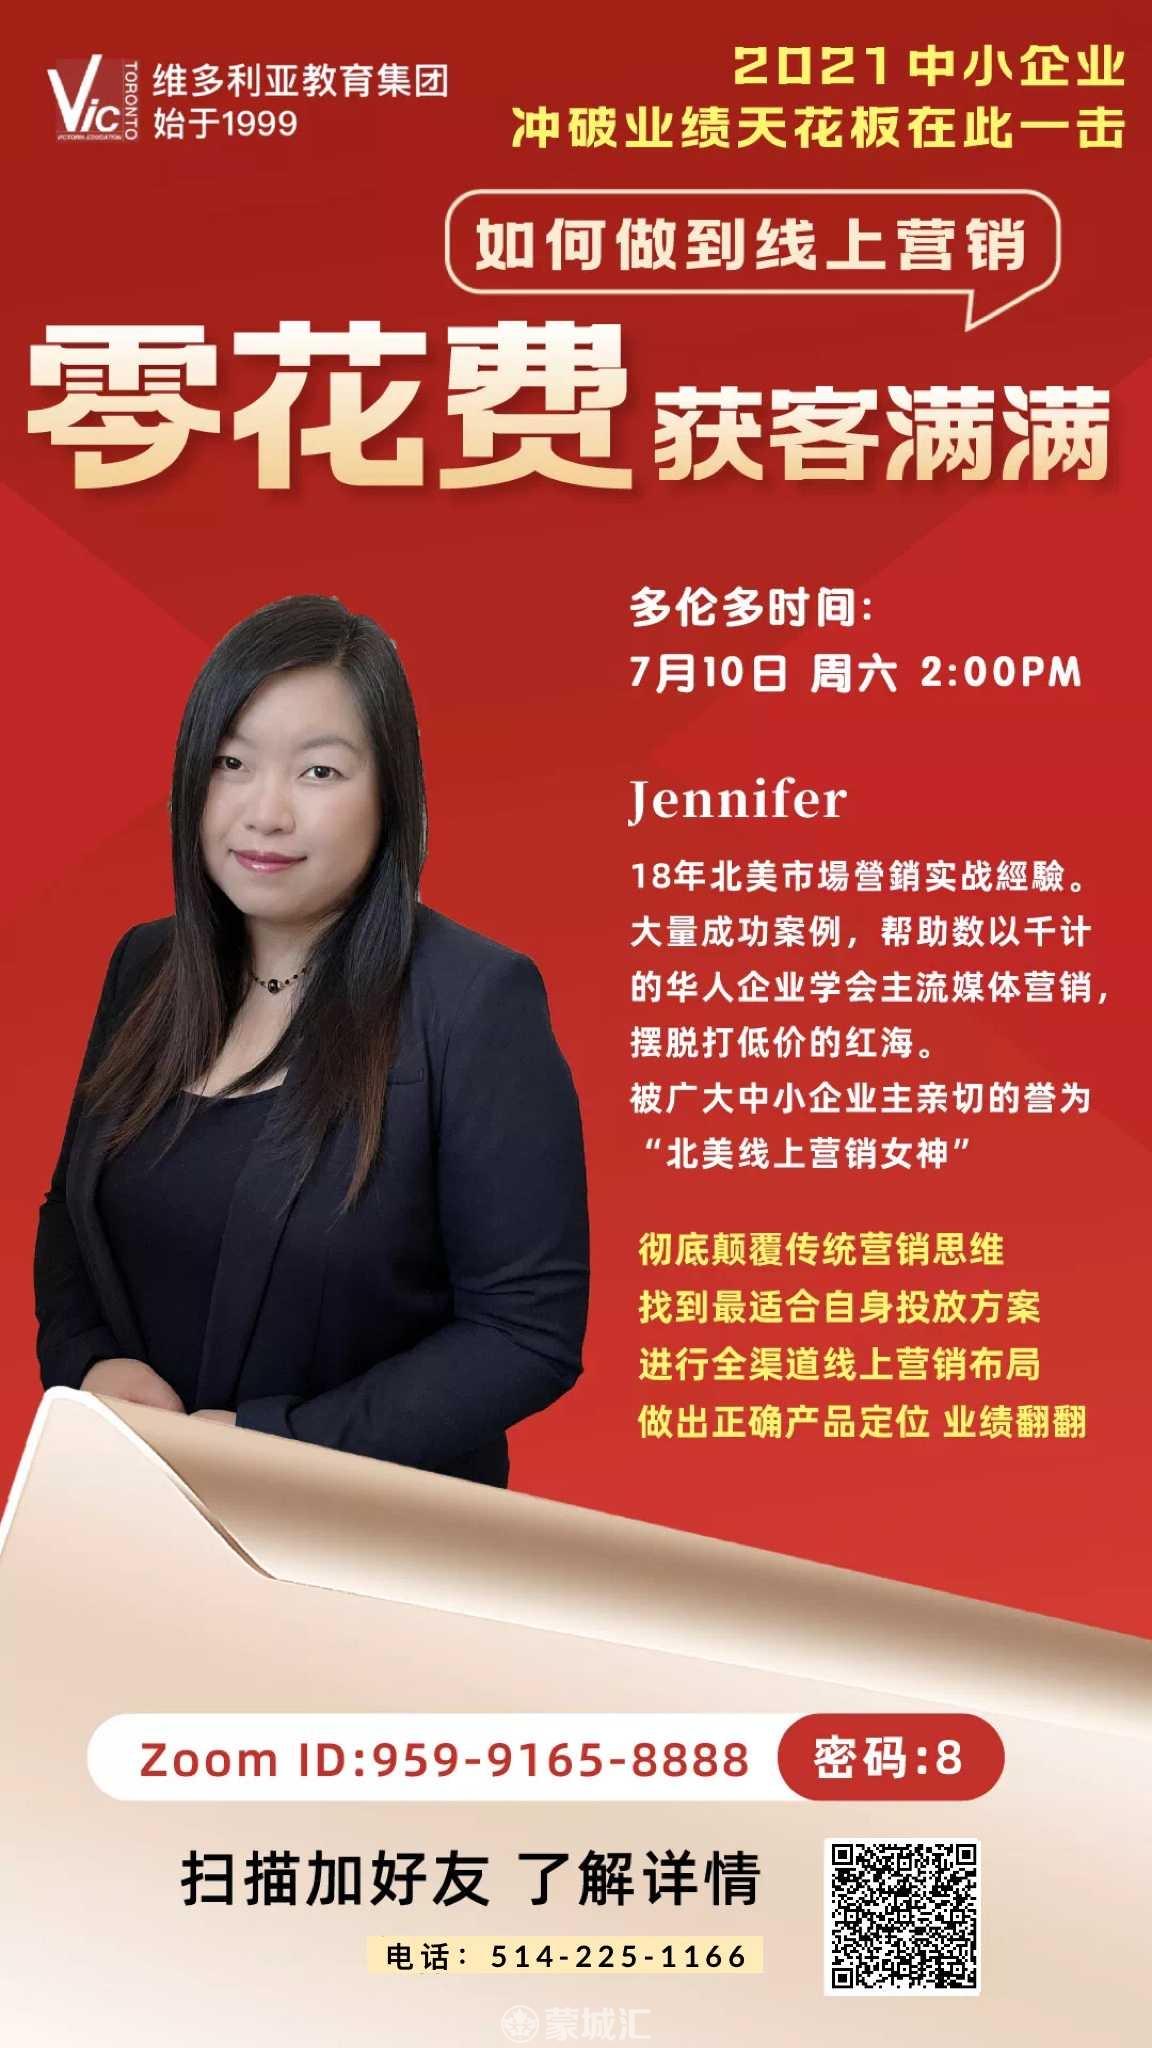 WeChat Image_20210705215556.jpg